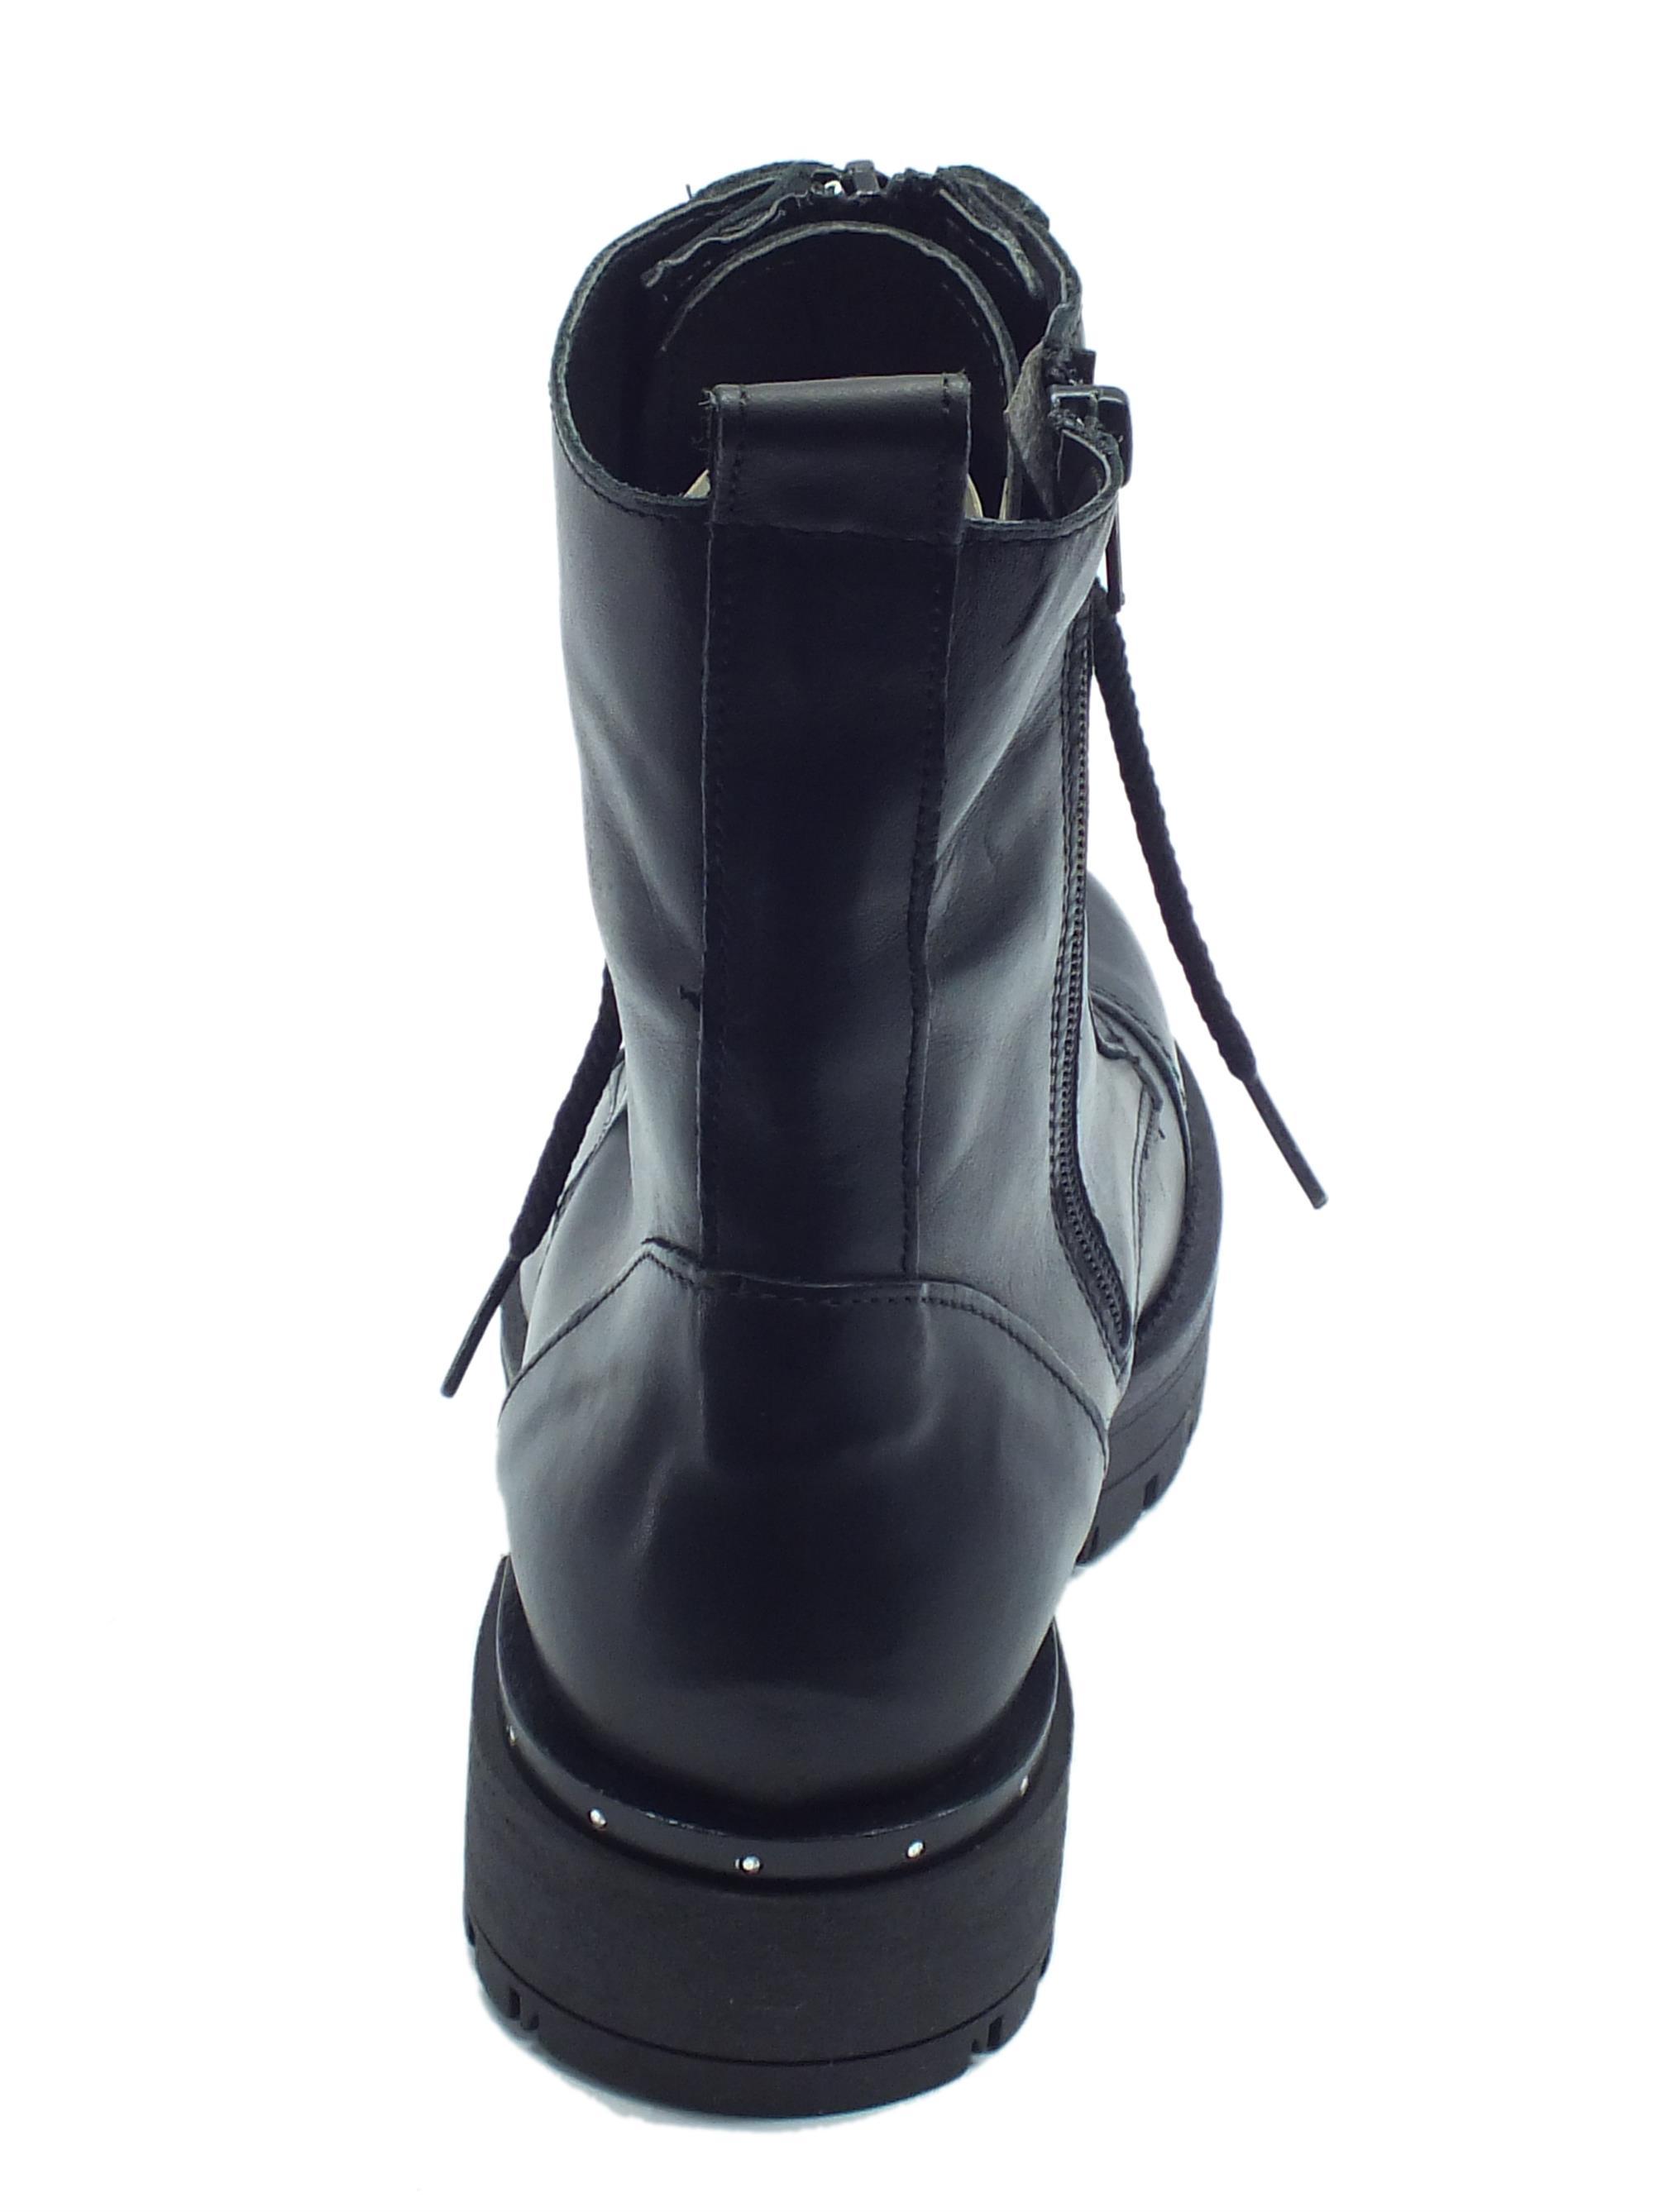 ... Anfibi per donna Vitiello Calzature in pelle nera con lacci e lampo fc08952933f